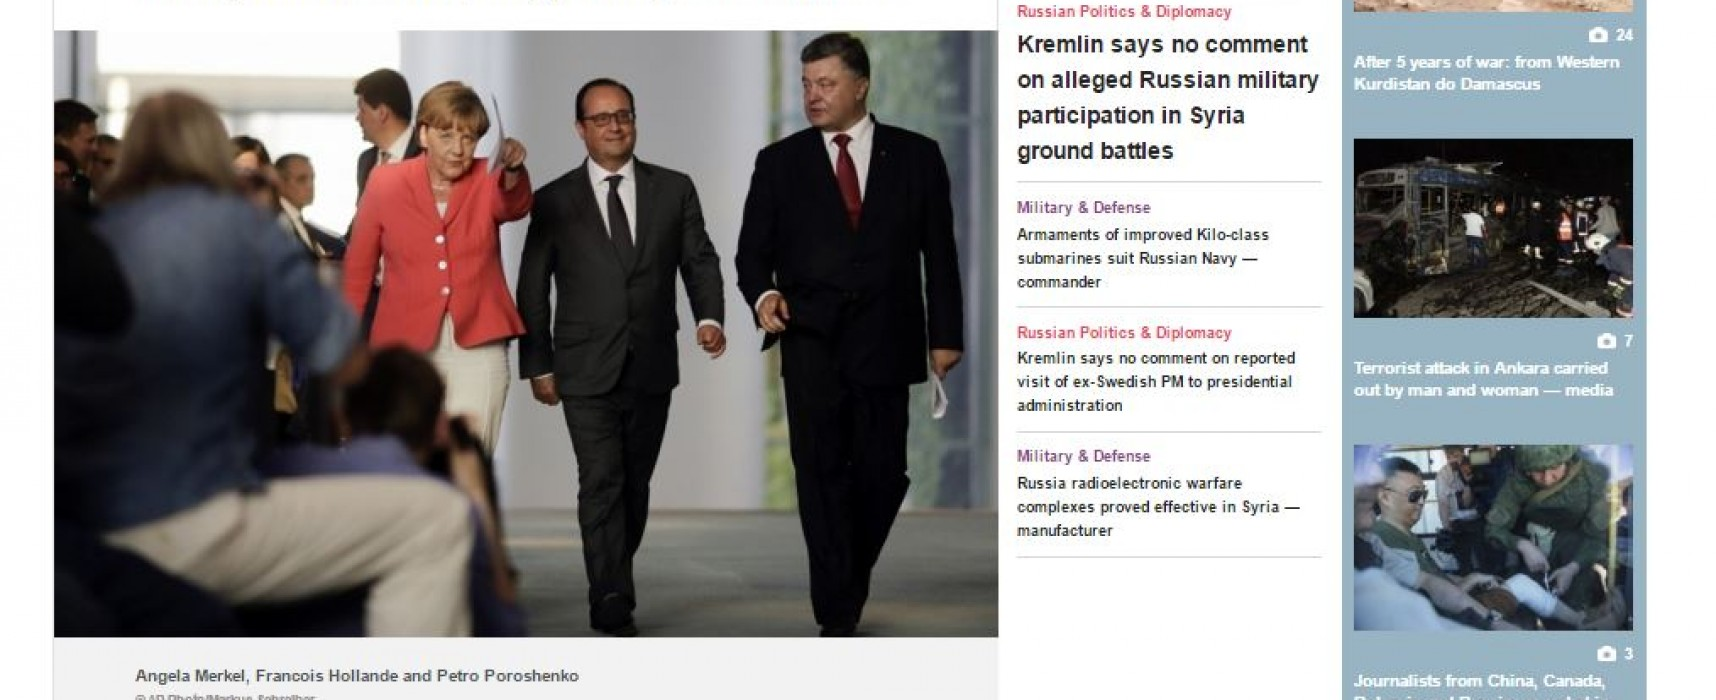 La prensa rusa deformó una declaración de los líderes europeos sobre Ucrania